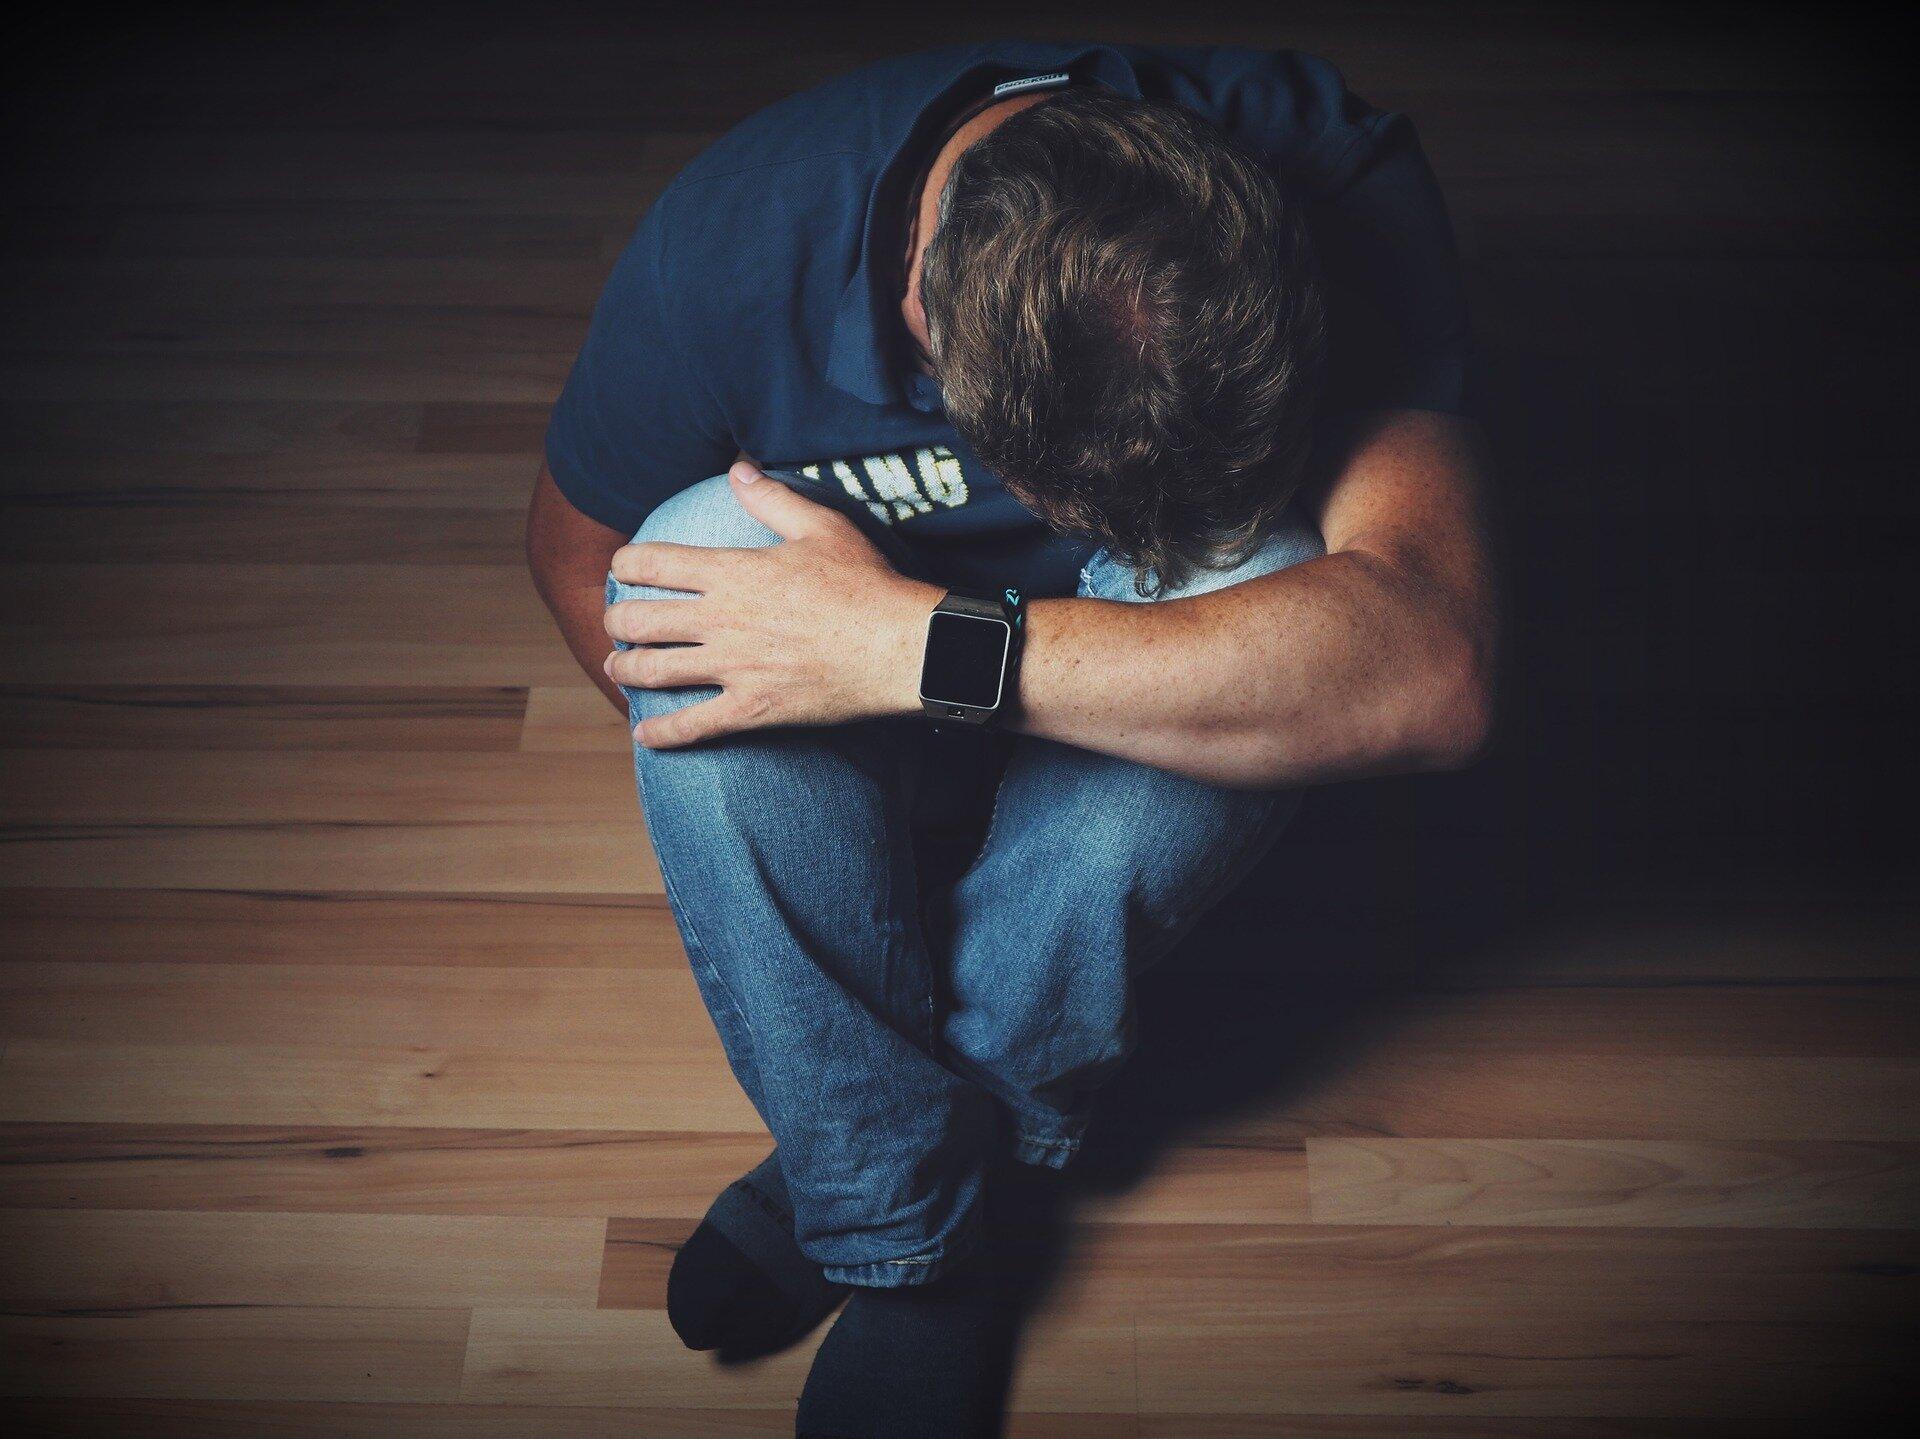 Menschen mit Depressionen erleben, suizidalen Gedanken trotz Behandlung